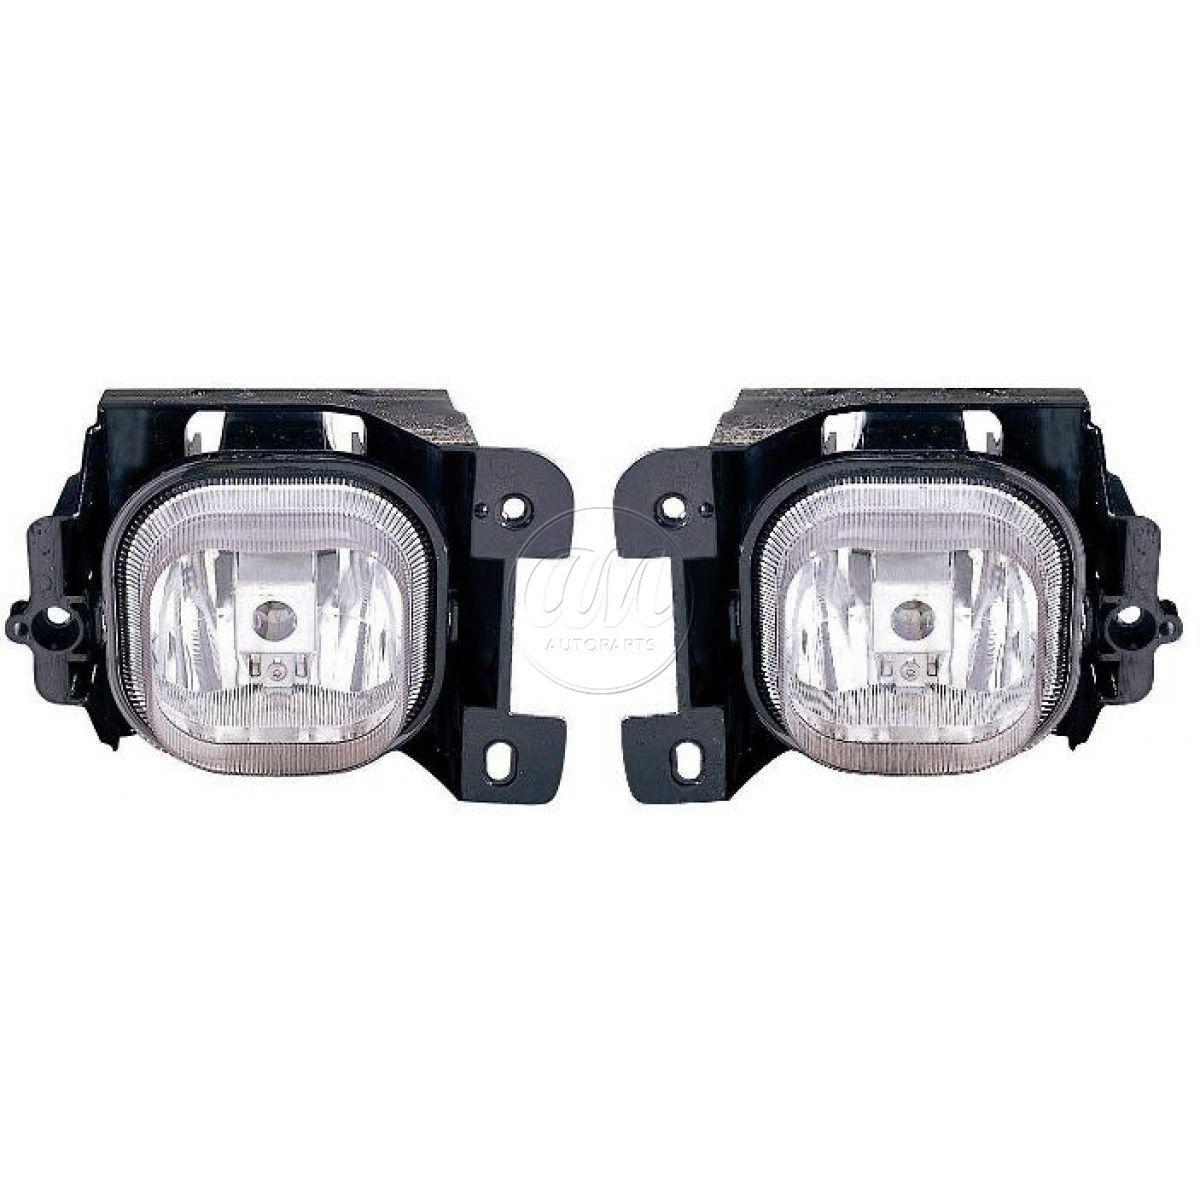 04 05 Ford Ranger Pickup Truck Fog Driving Lights Lamps Pair Set Kit LH RH New